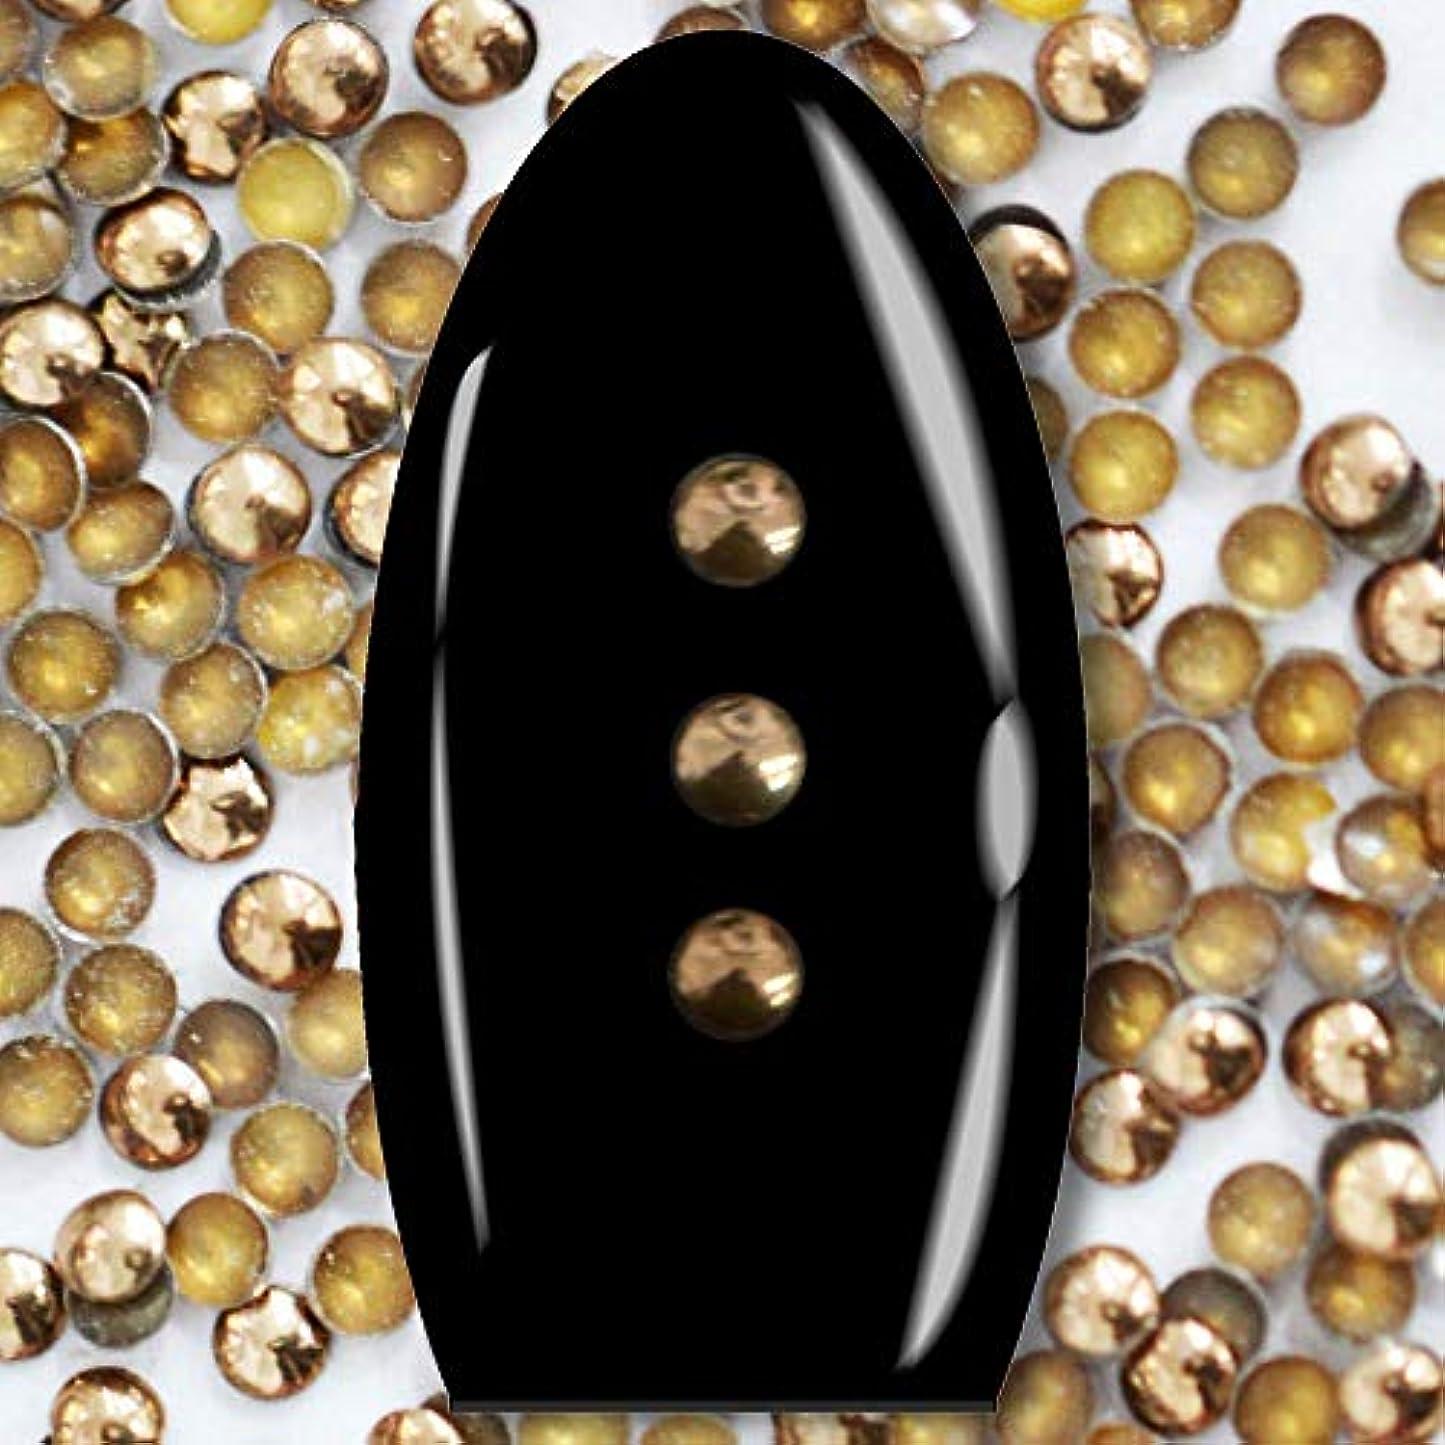 またキャメル豚メタルスタッズ ネイル用 100粒 STZ026 ラウンド ブロンズ Φ2mm ぷっくり半球型